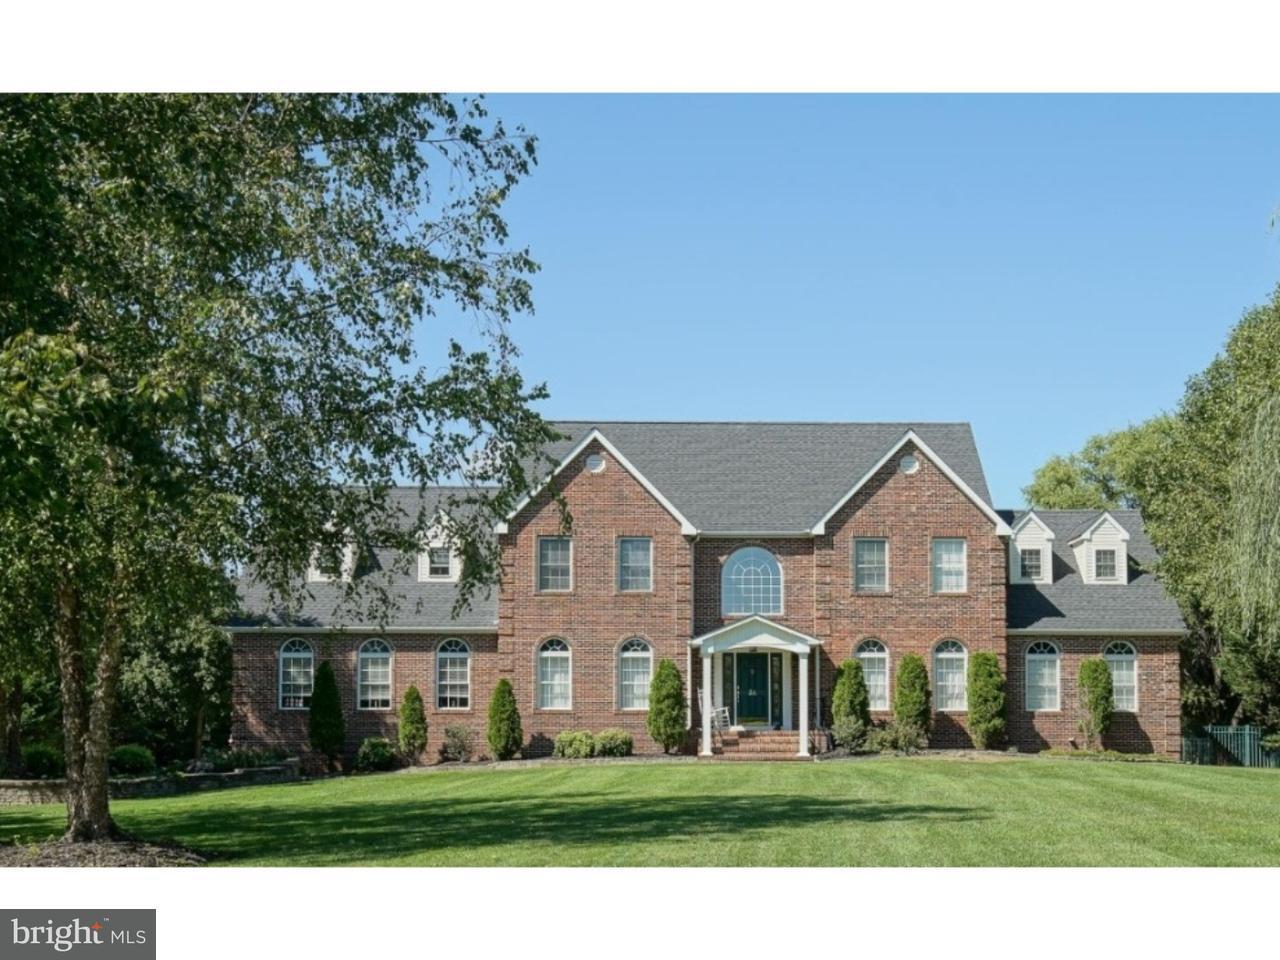 Частный односемейный дом для того Продажа на 24 HORSESHOE Lane Mullica Hill, Нью-Джерси 08062 Соединенные Штаты